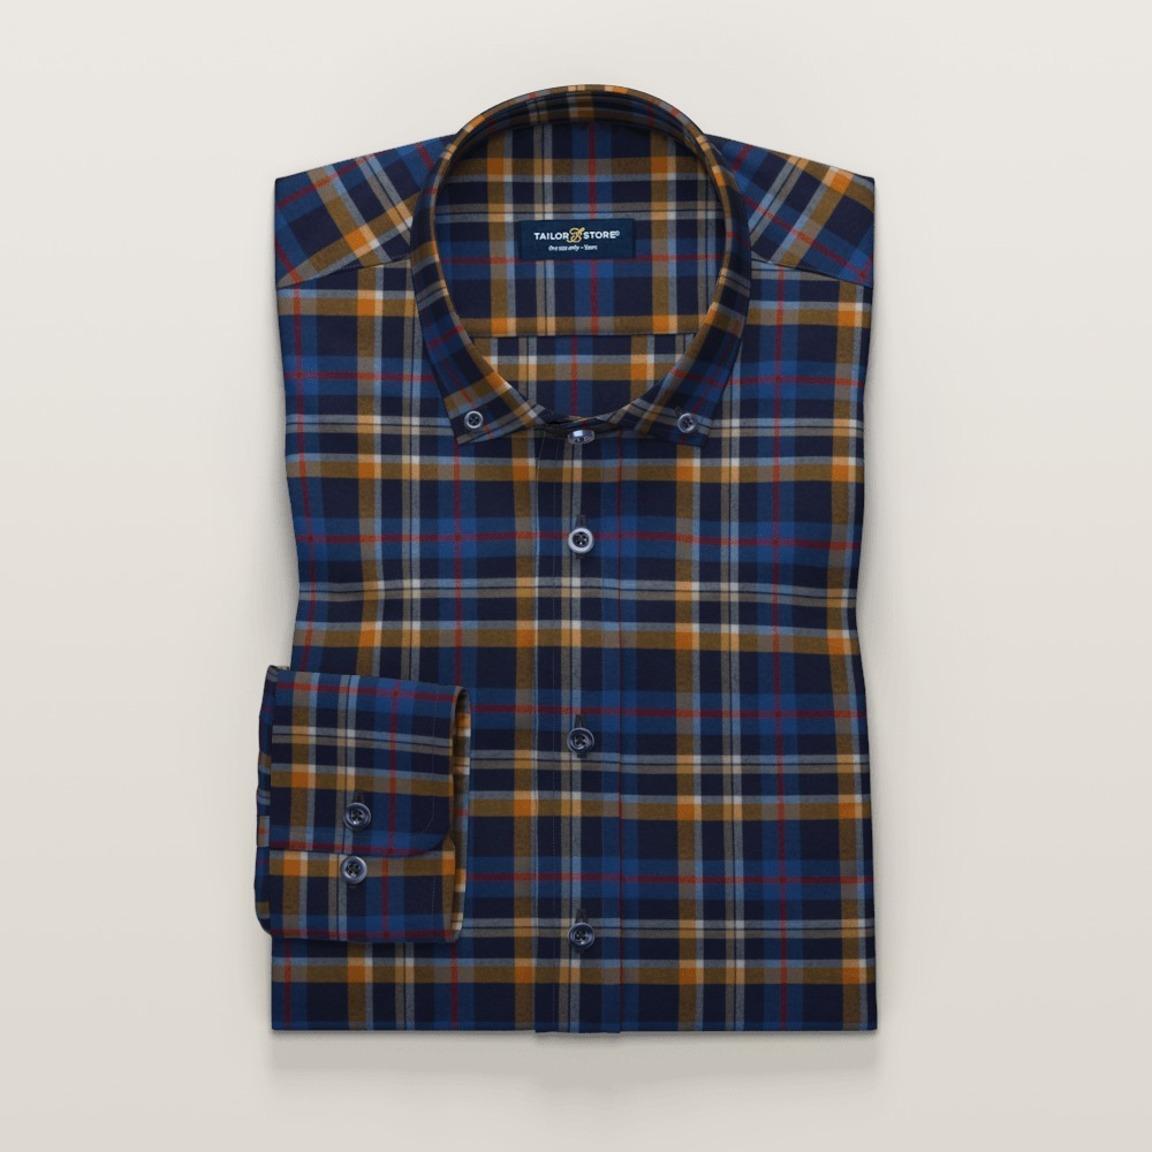 Marineblaues und orangefarbenes Hemd aus kariertem Twill